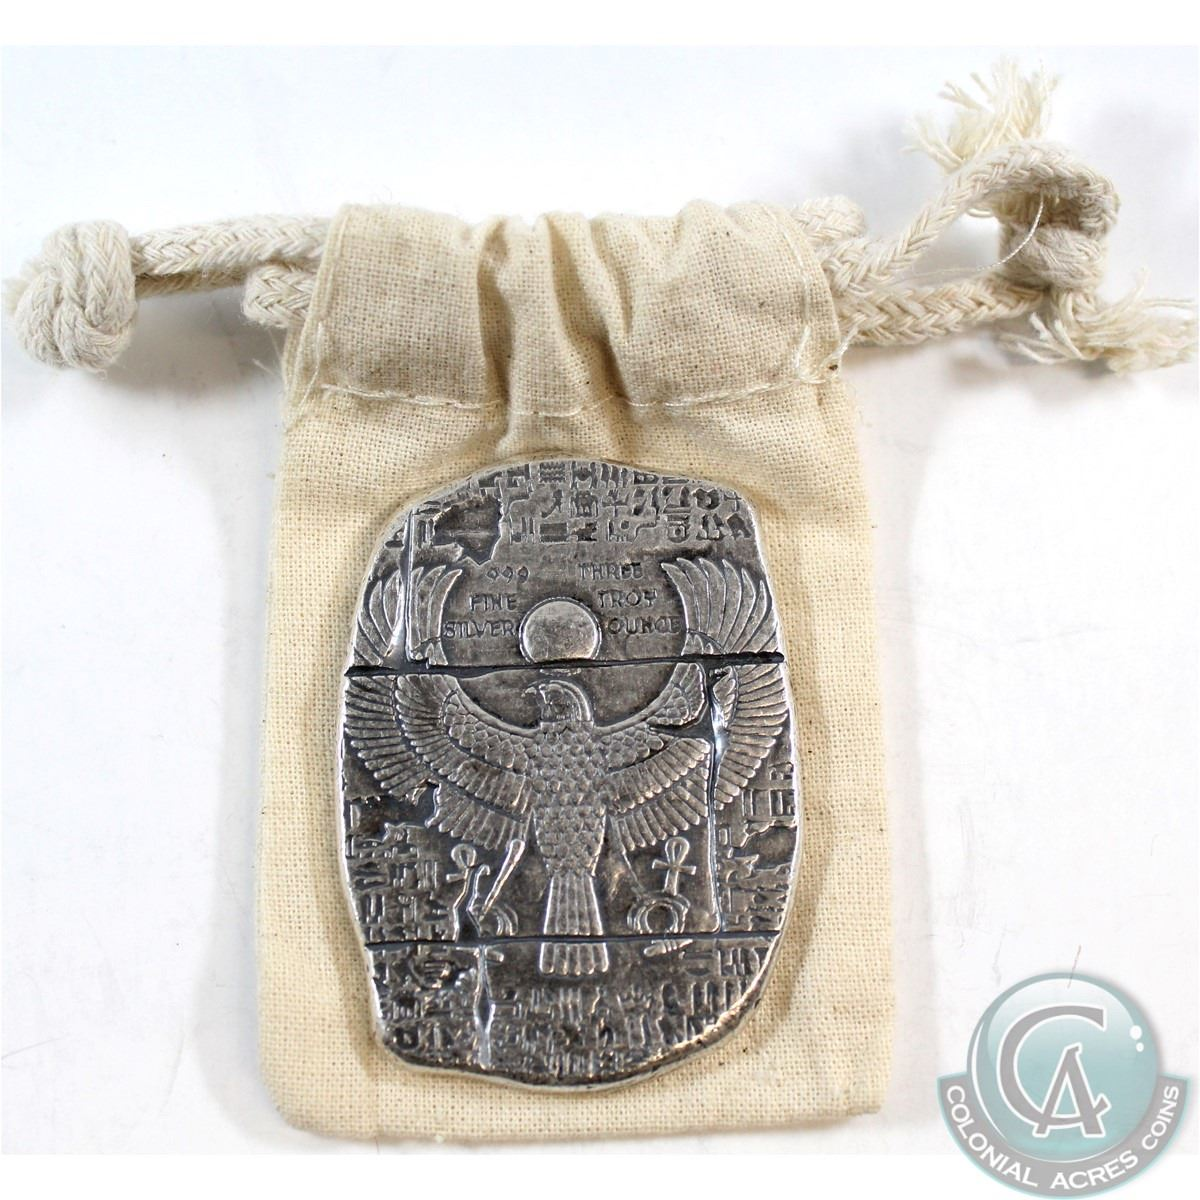 New 3 oz Egyptian Horus Relic Bar In a Cloth Bag .999 Fine Silver Bar